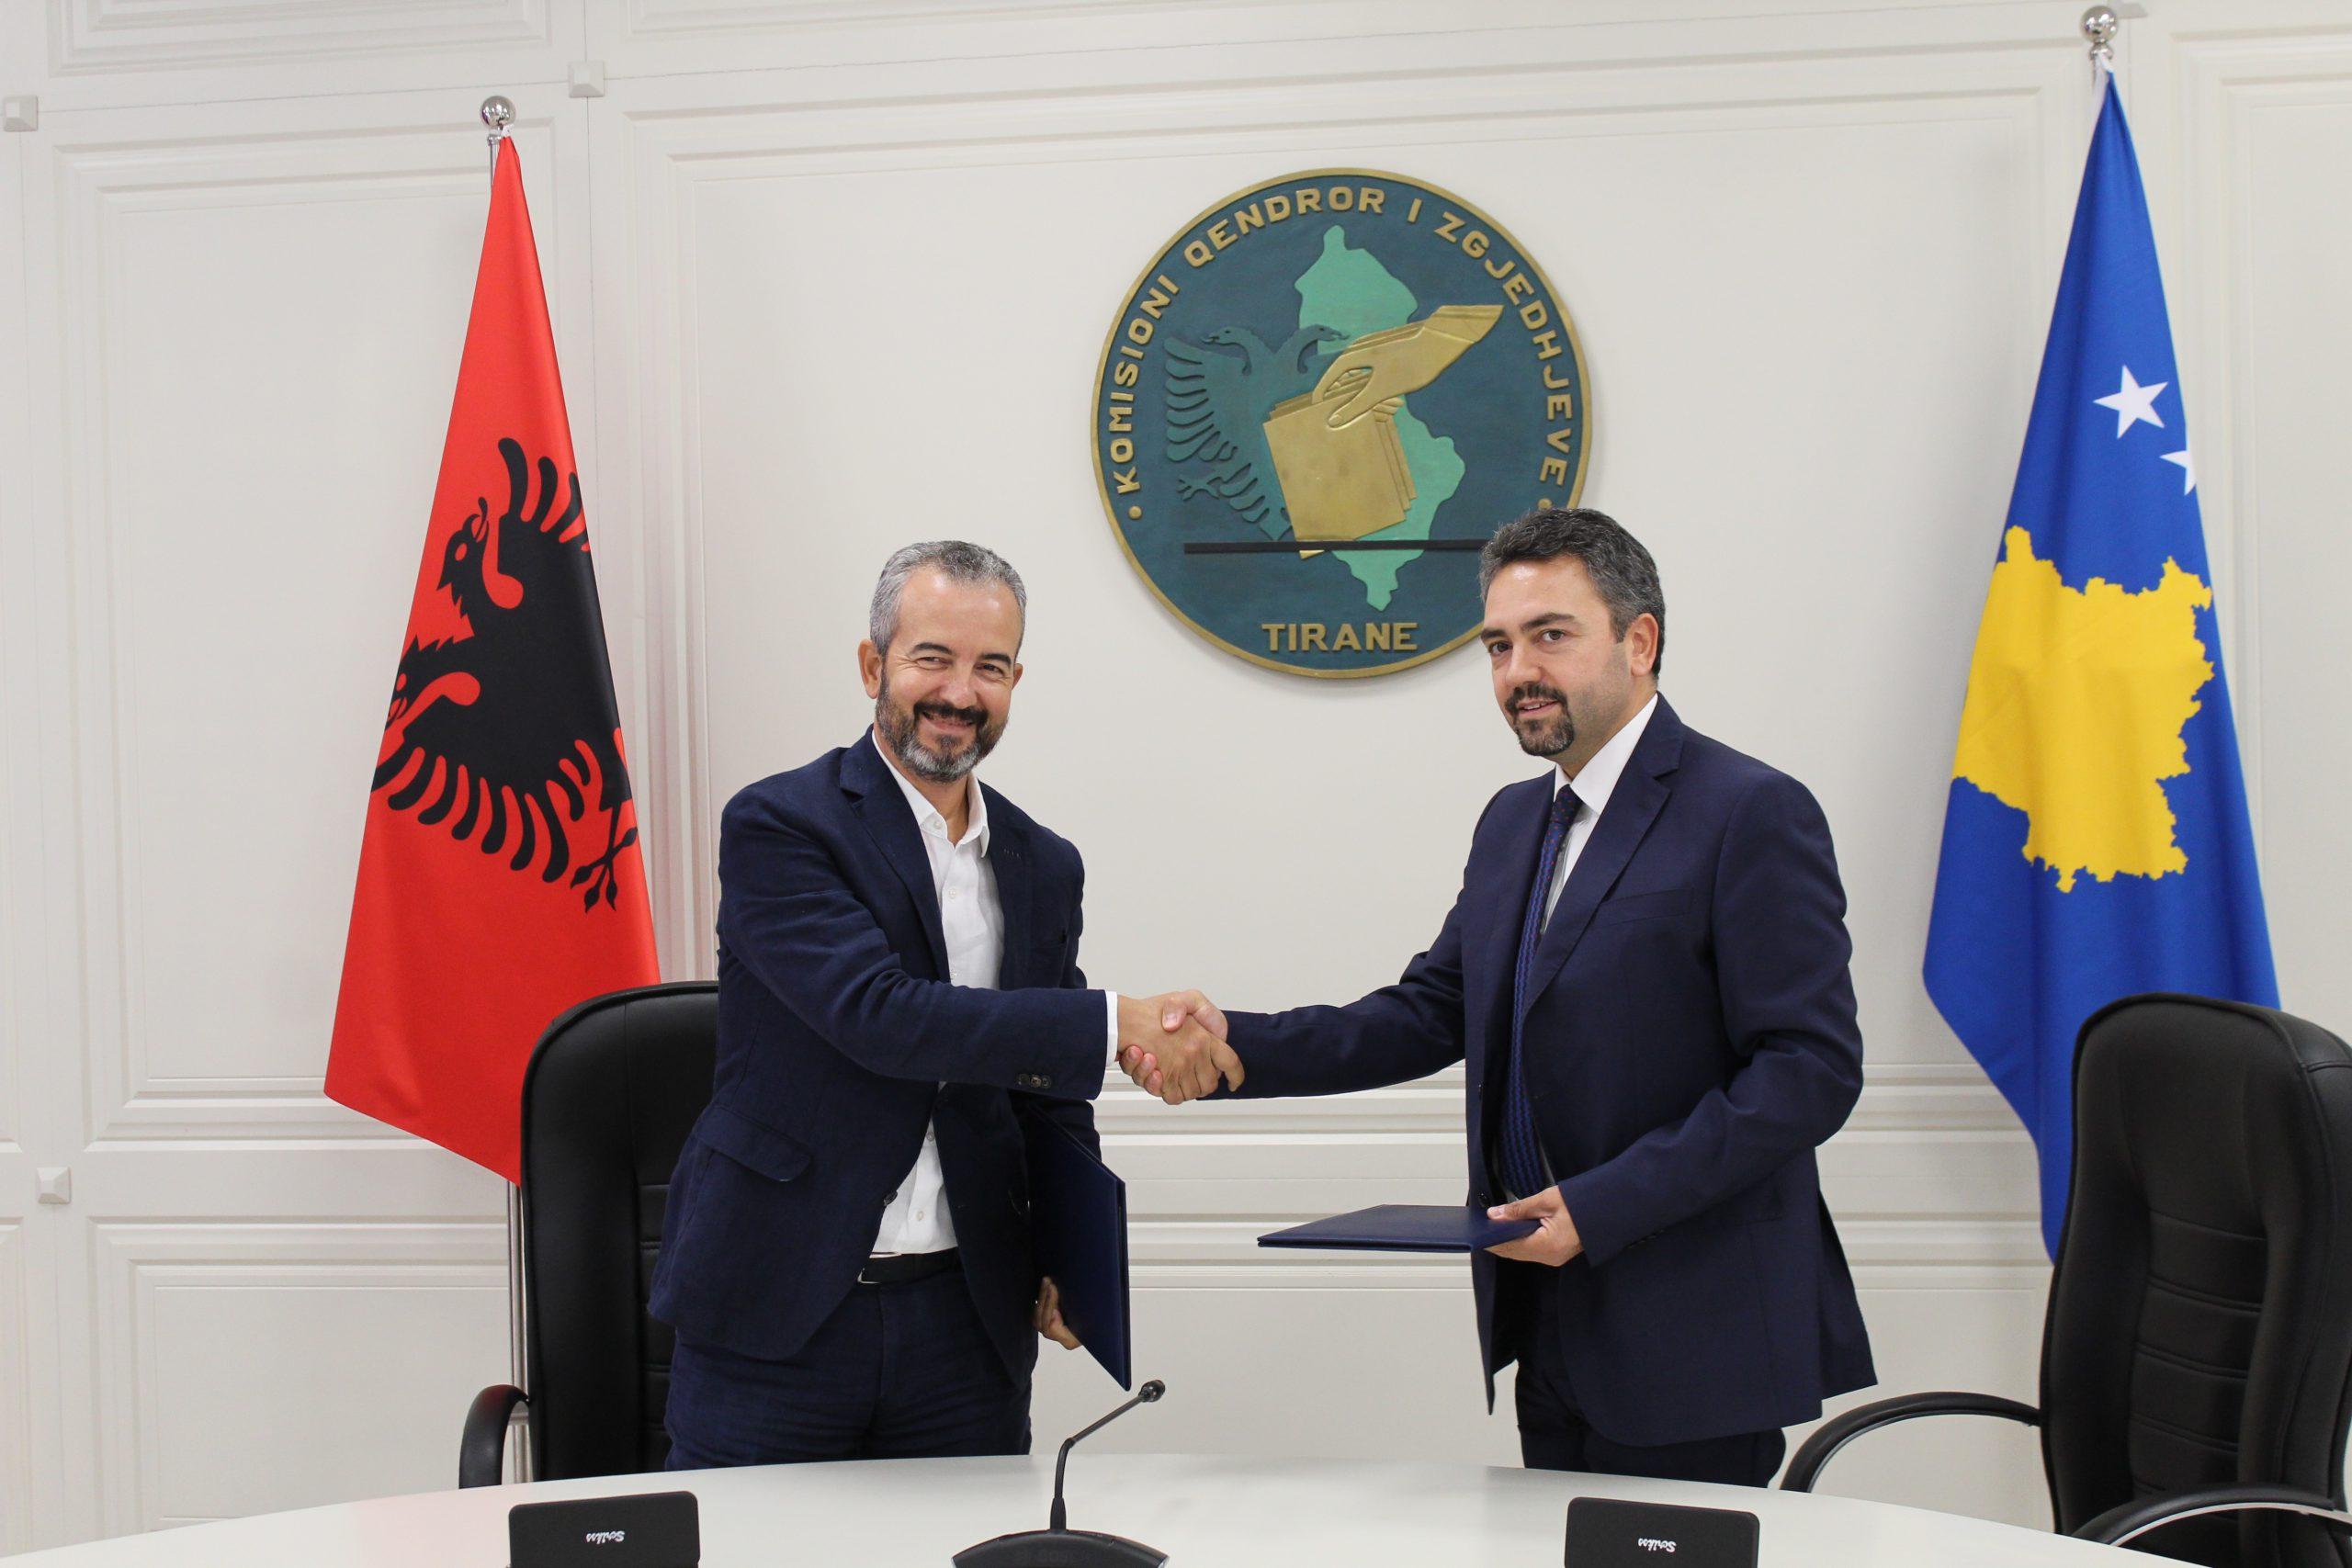 Nënshkruhet marrëveshja e bashkëpunimit për huazimin e kamerave regjistruese nga KQZ-ja e Shqipërisë